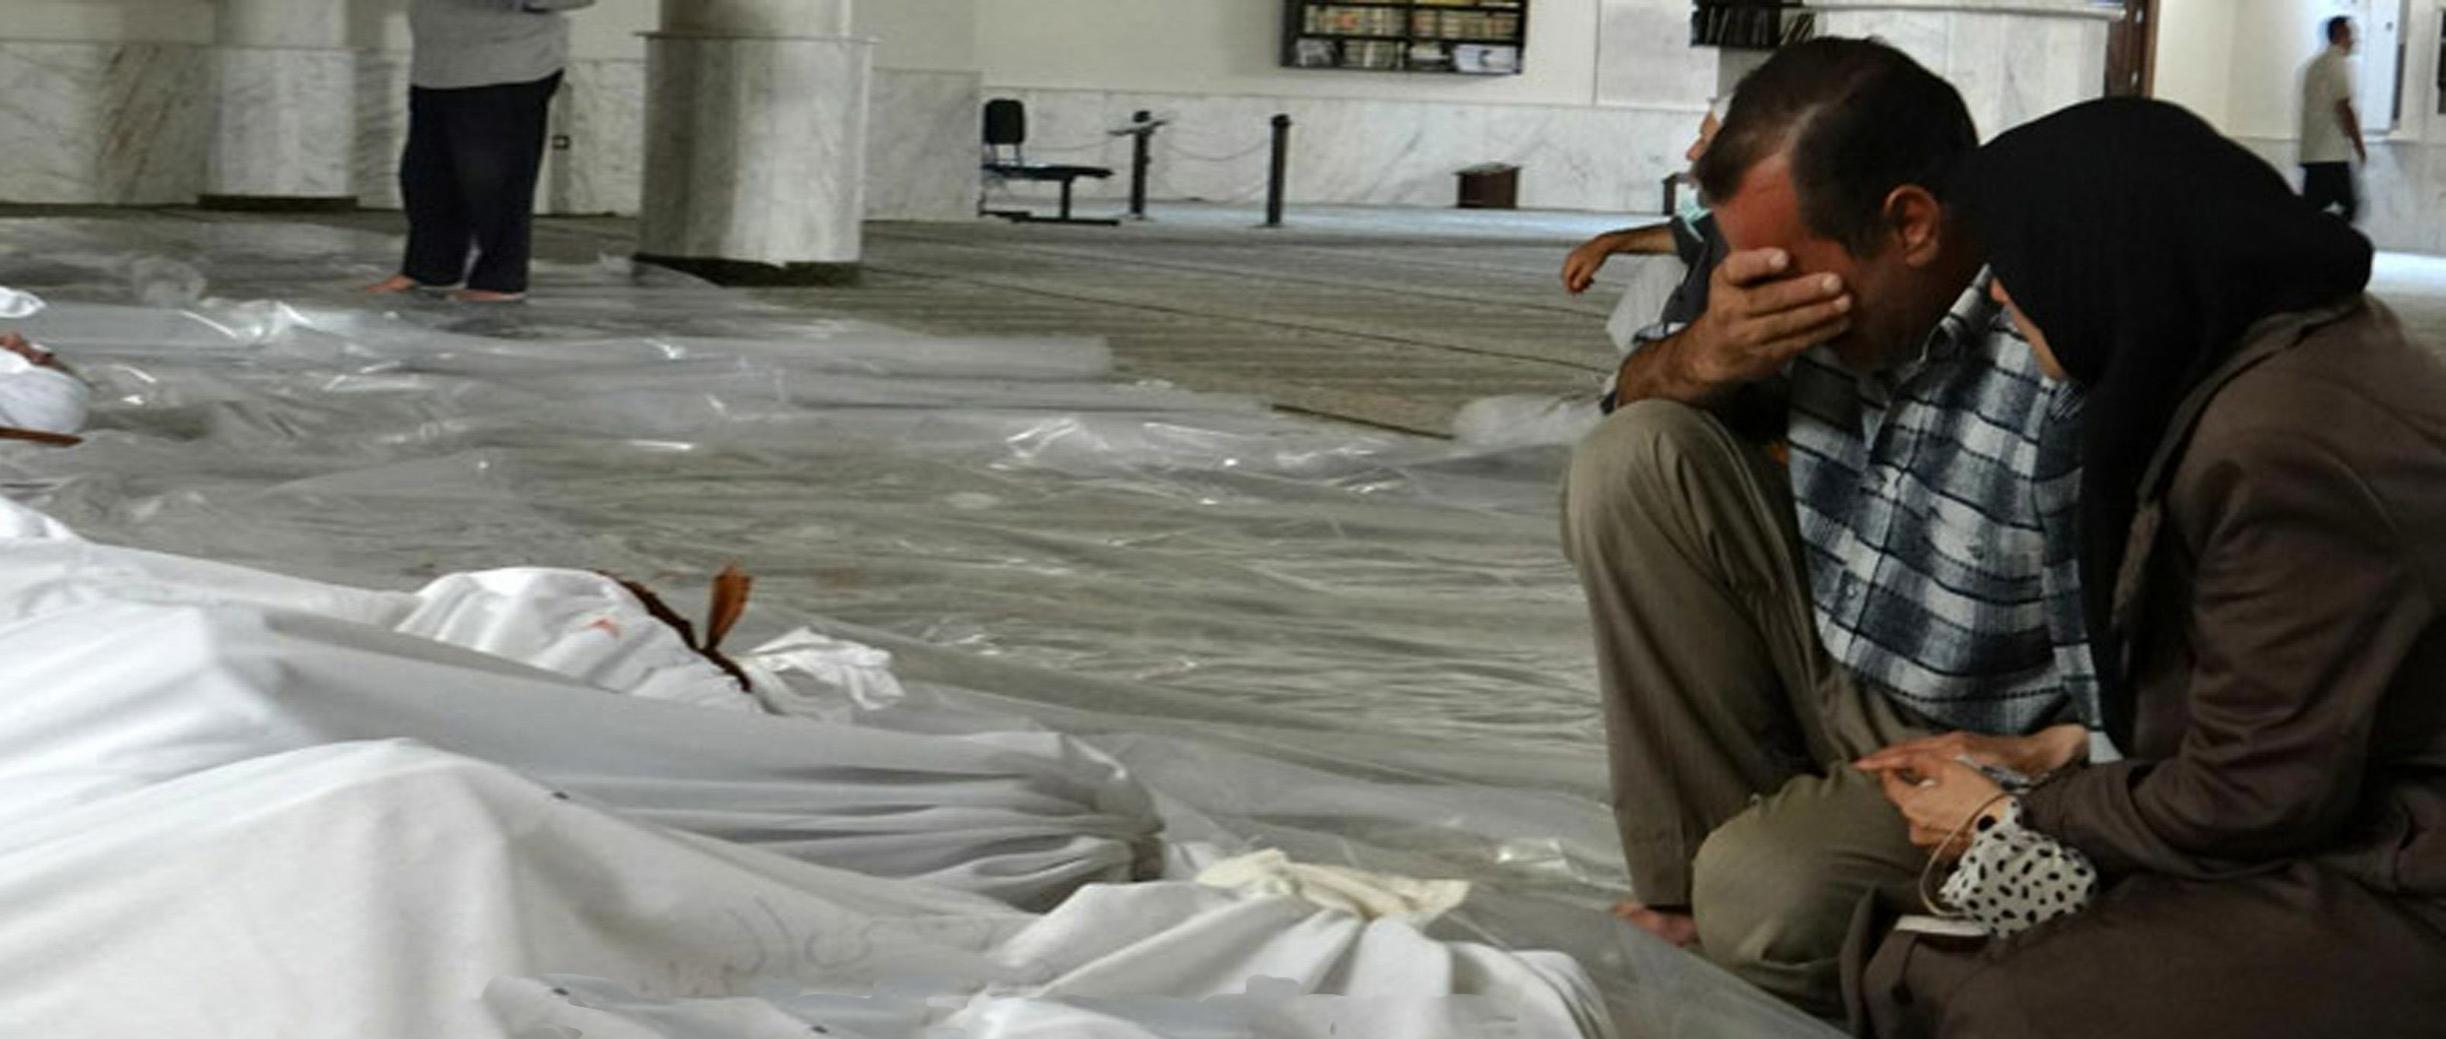 Assads Bomben regnen auf Ost-Ghouta herab <br>  <span id='sec-title'>335 Tote seit Sonntag, 1.200 weitere verletzt.</span>